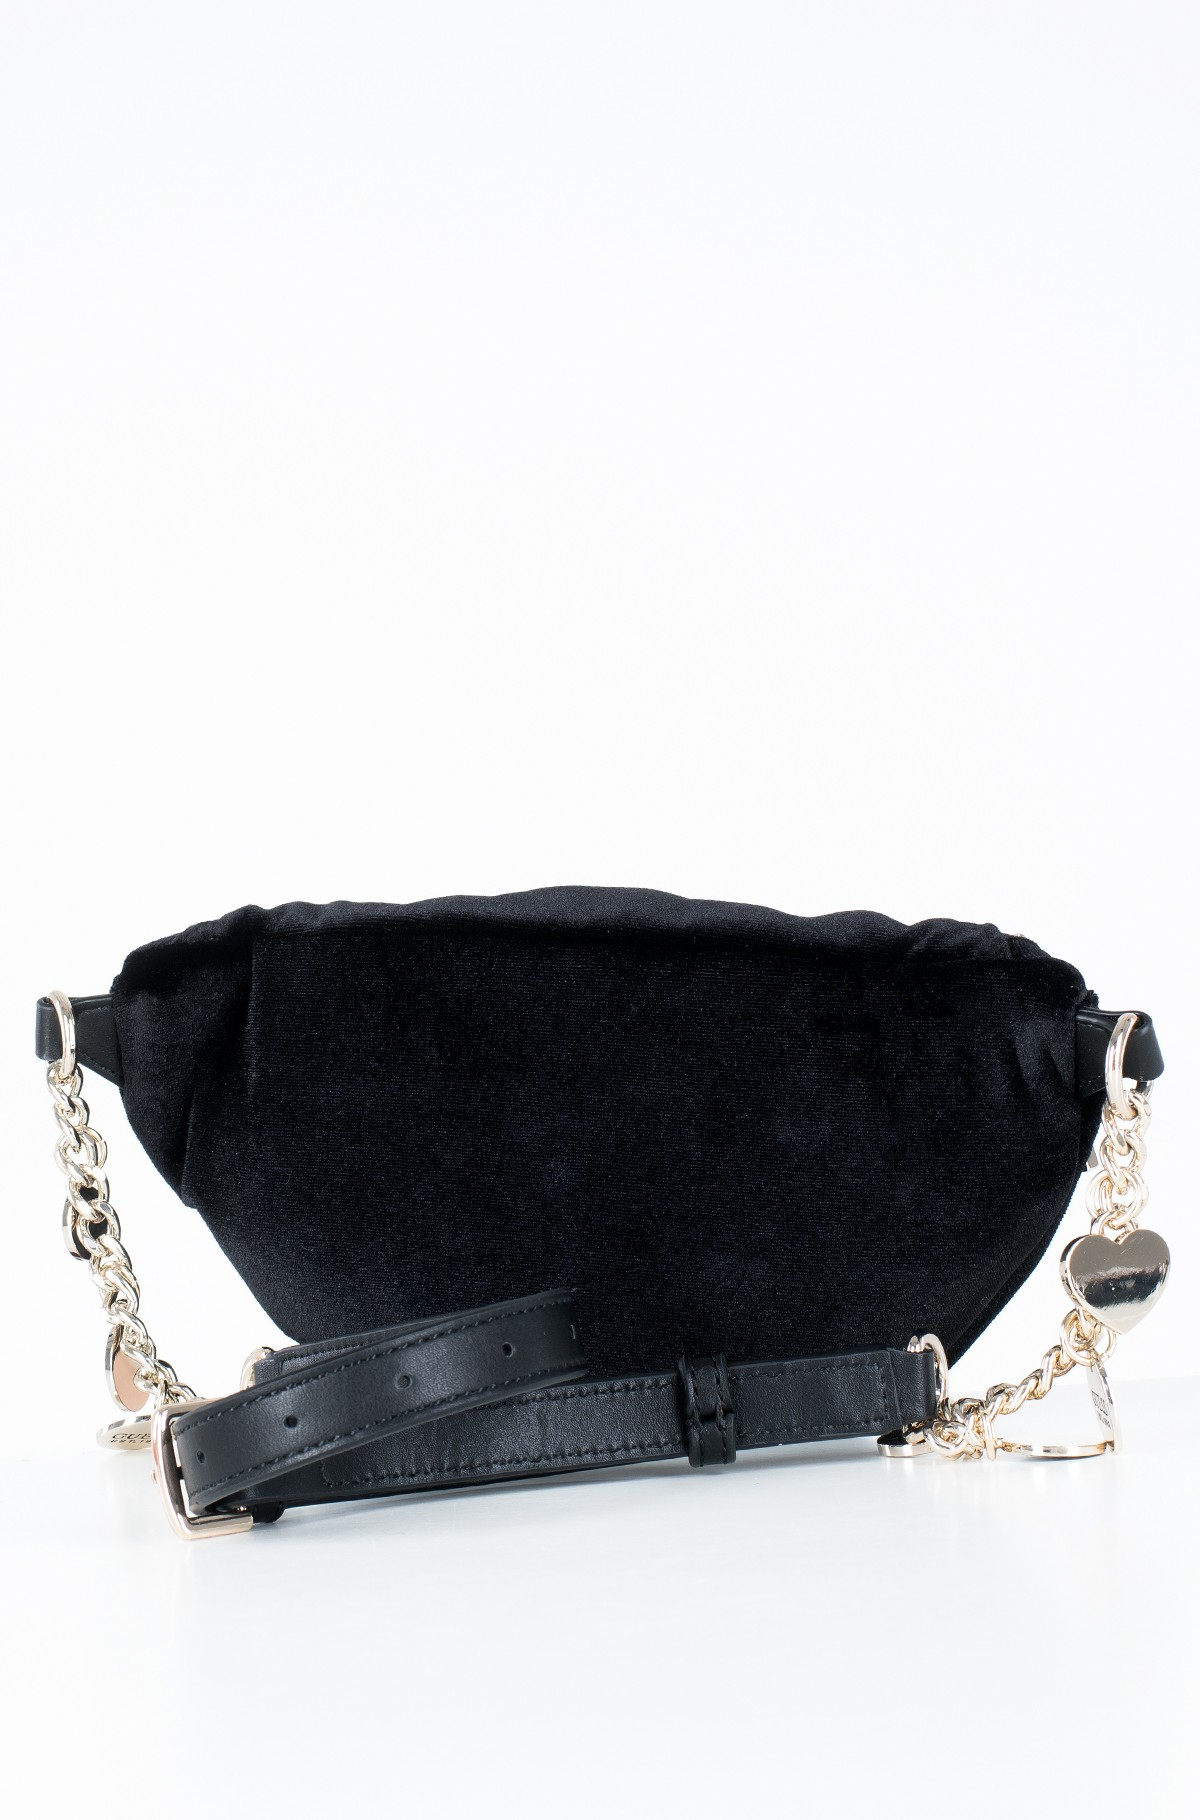 Bum bag HWVT74 45810-full-2